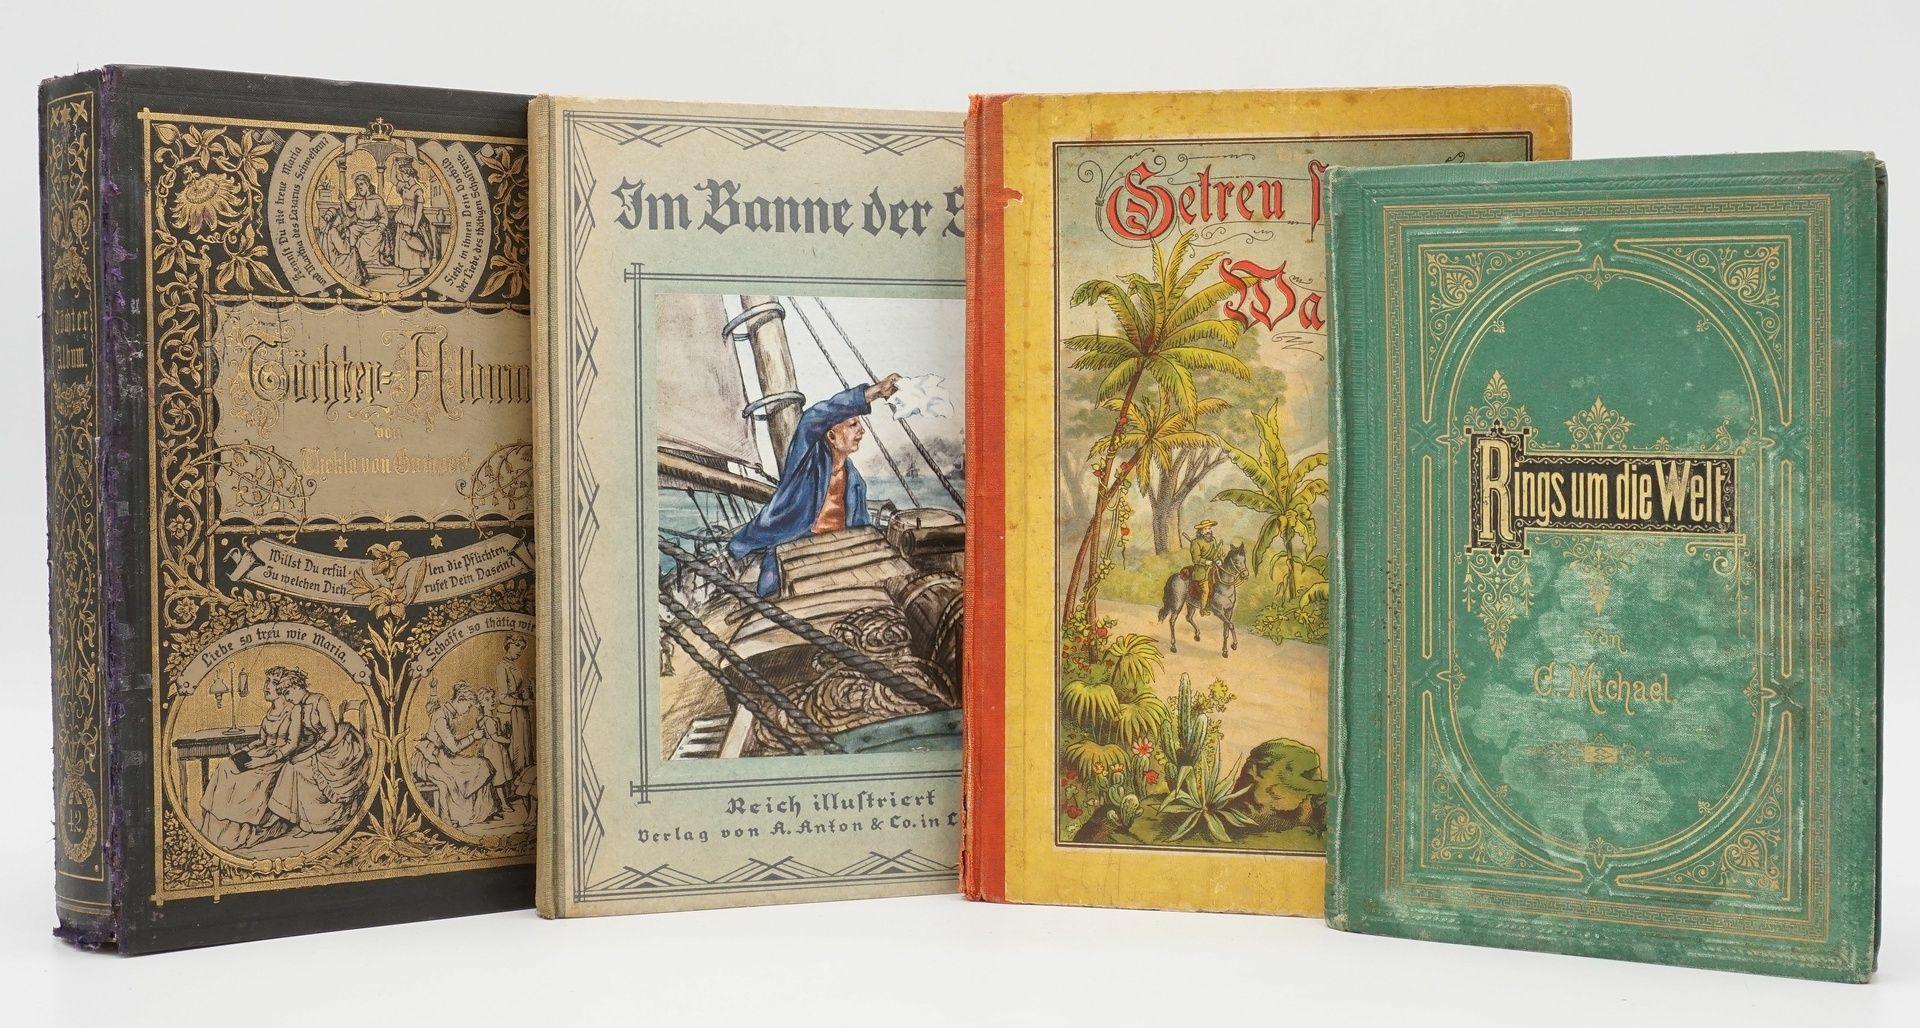 Vier illustrierte Jugendbücher